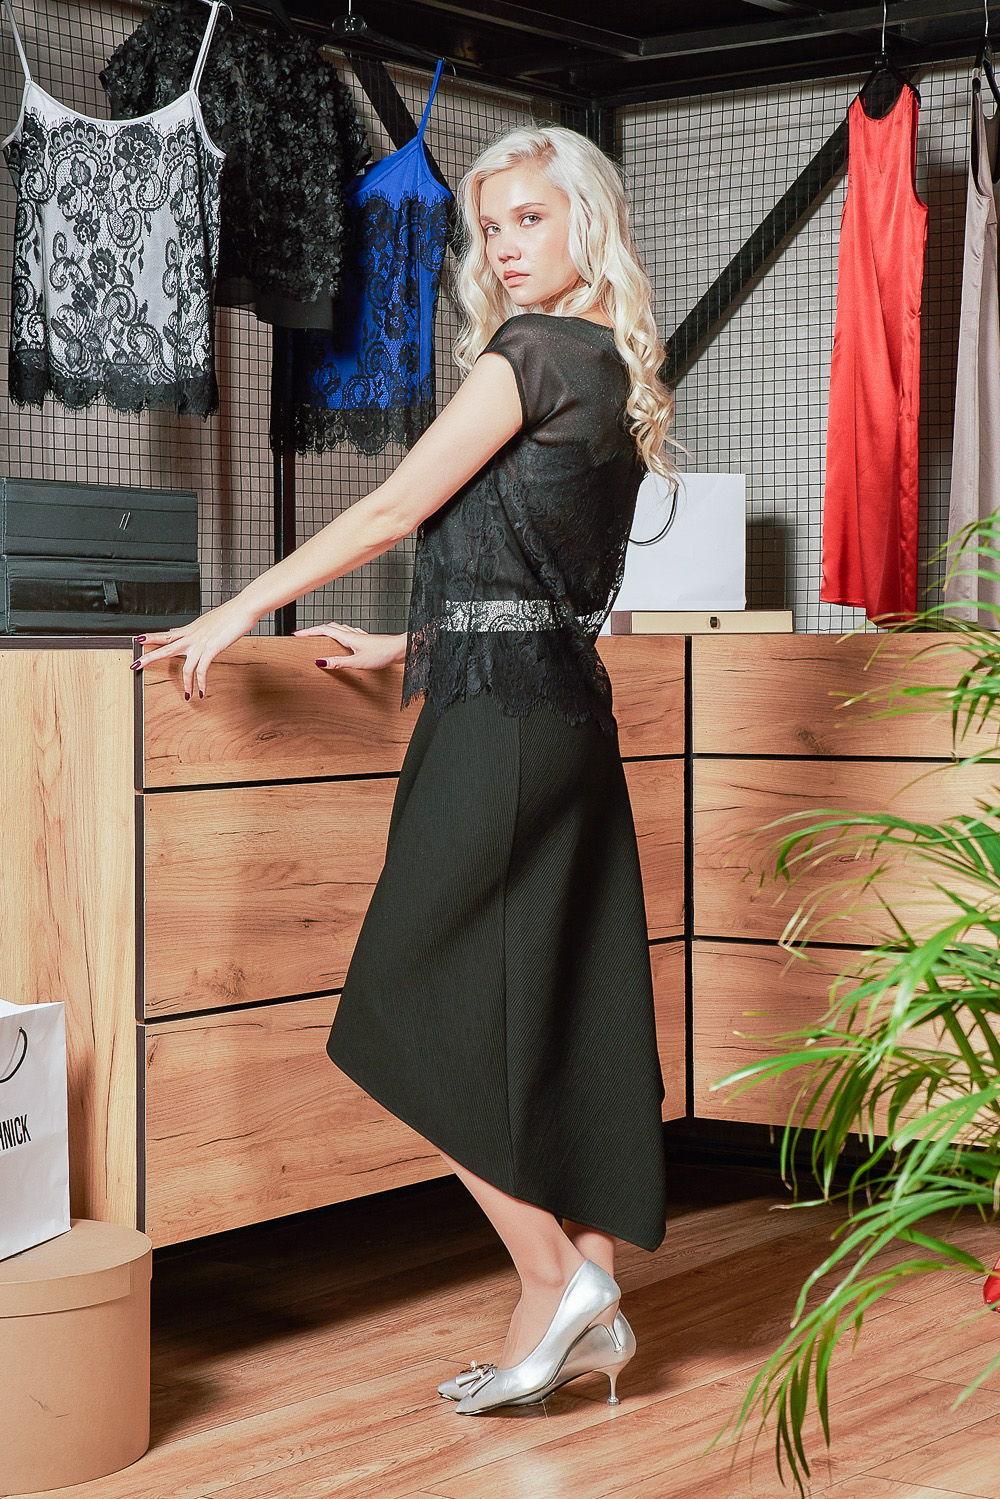 Блуза Г696-698 - Сказочно красивая легкая прозрачная блуза без рукавов. Шикарный кружевной гипюр комбинирует с тонкой сияющей тканью. Монохромный черный цвет придает загадочность образу и некую эфемерность.Ткань поливискоза (80% ПЭ и 20% вискоза) дарит тактильную мягкость блузе, которая со временем не теряет внешний привлекательный вид, а главное — не электризуется.Надев эту блузу из тонкого кружева, вы окунетесь в соблазнительный и желанный образ не только в новогоднюю ночь.